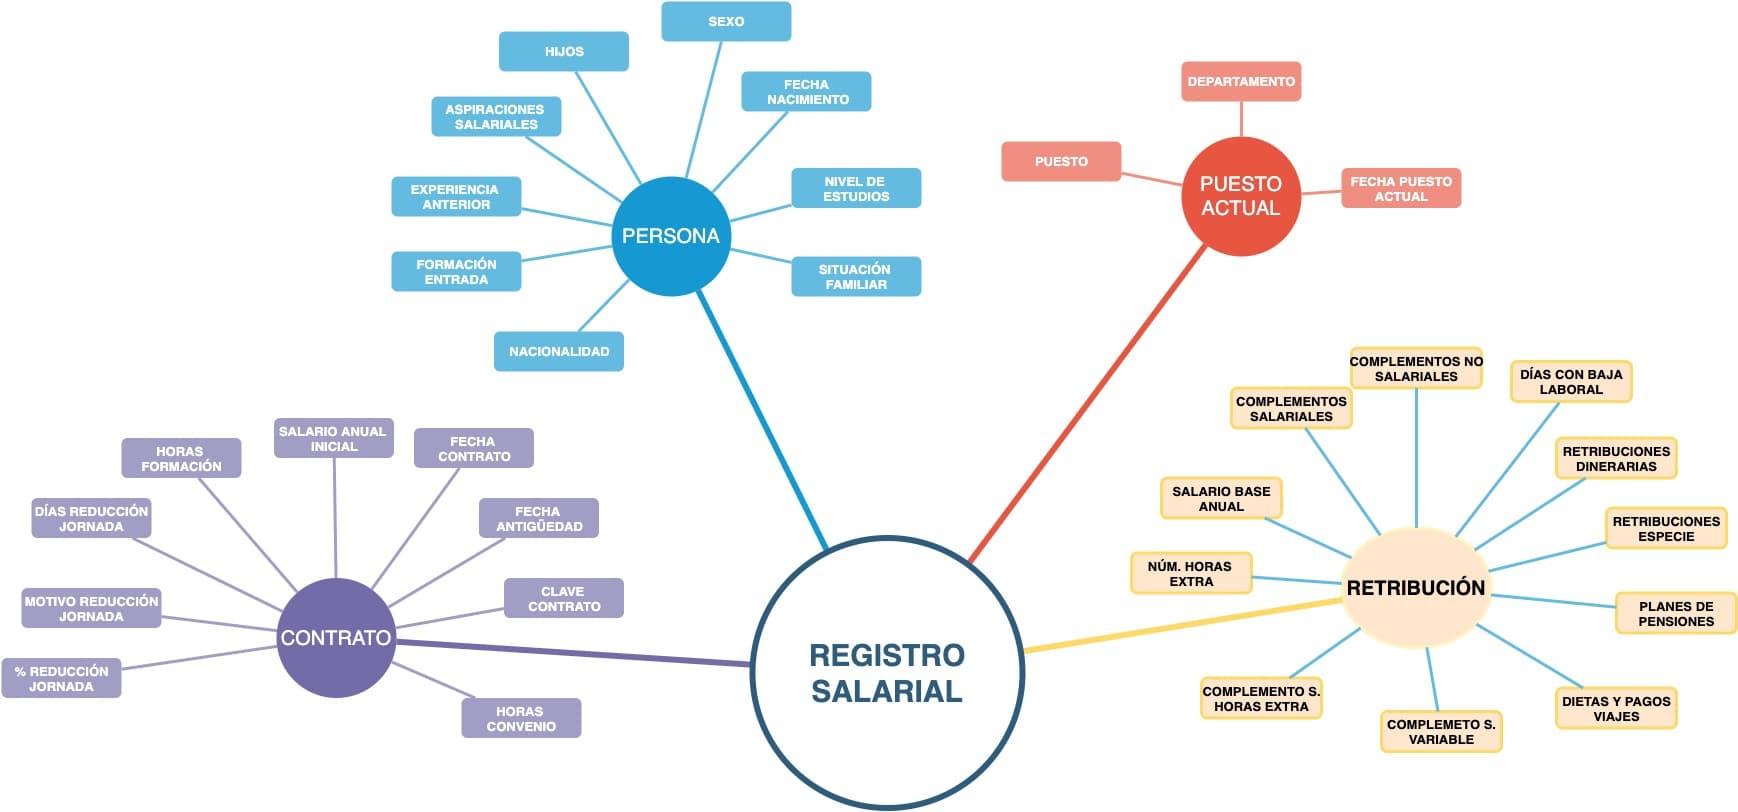 registro-salarial-datos-enrada